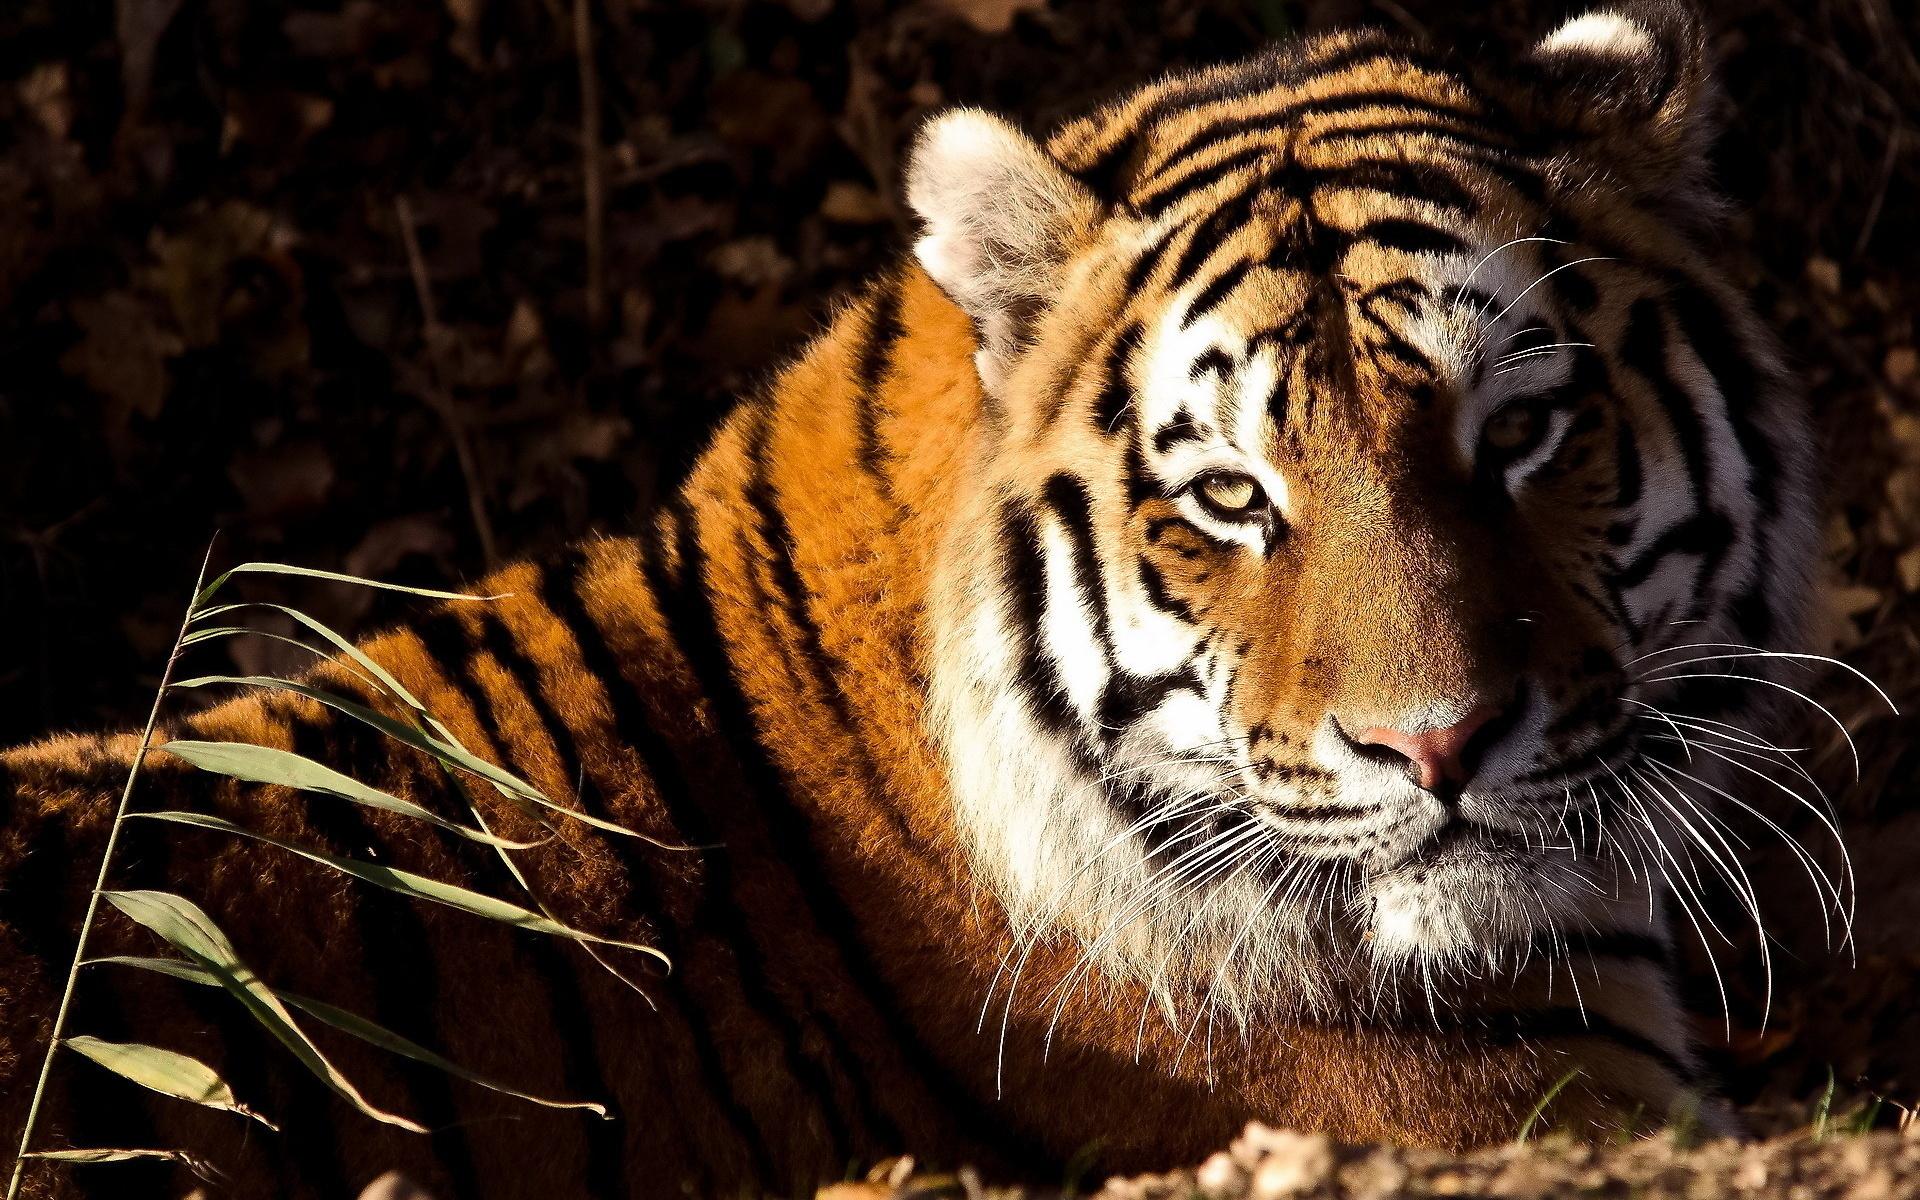 тигры картинки высокого качества татуировки